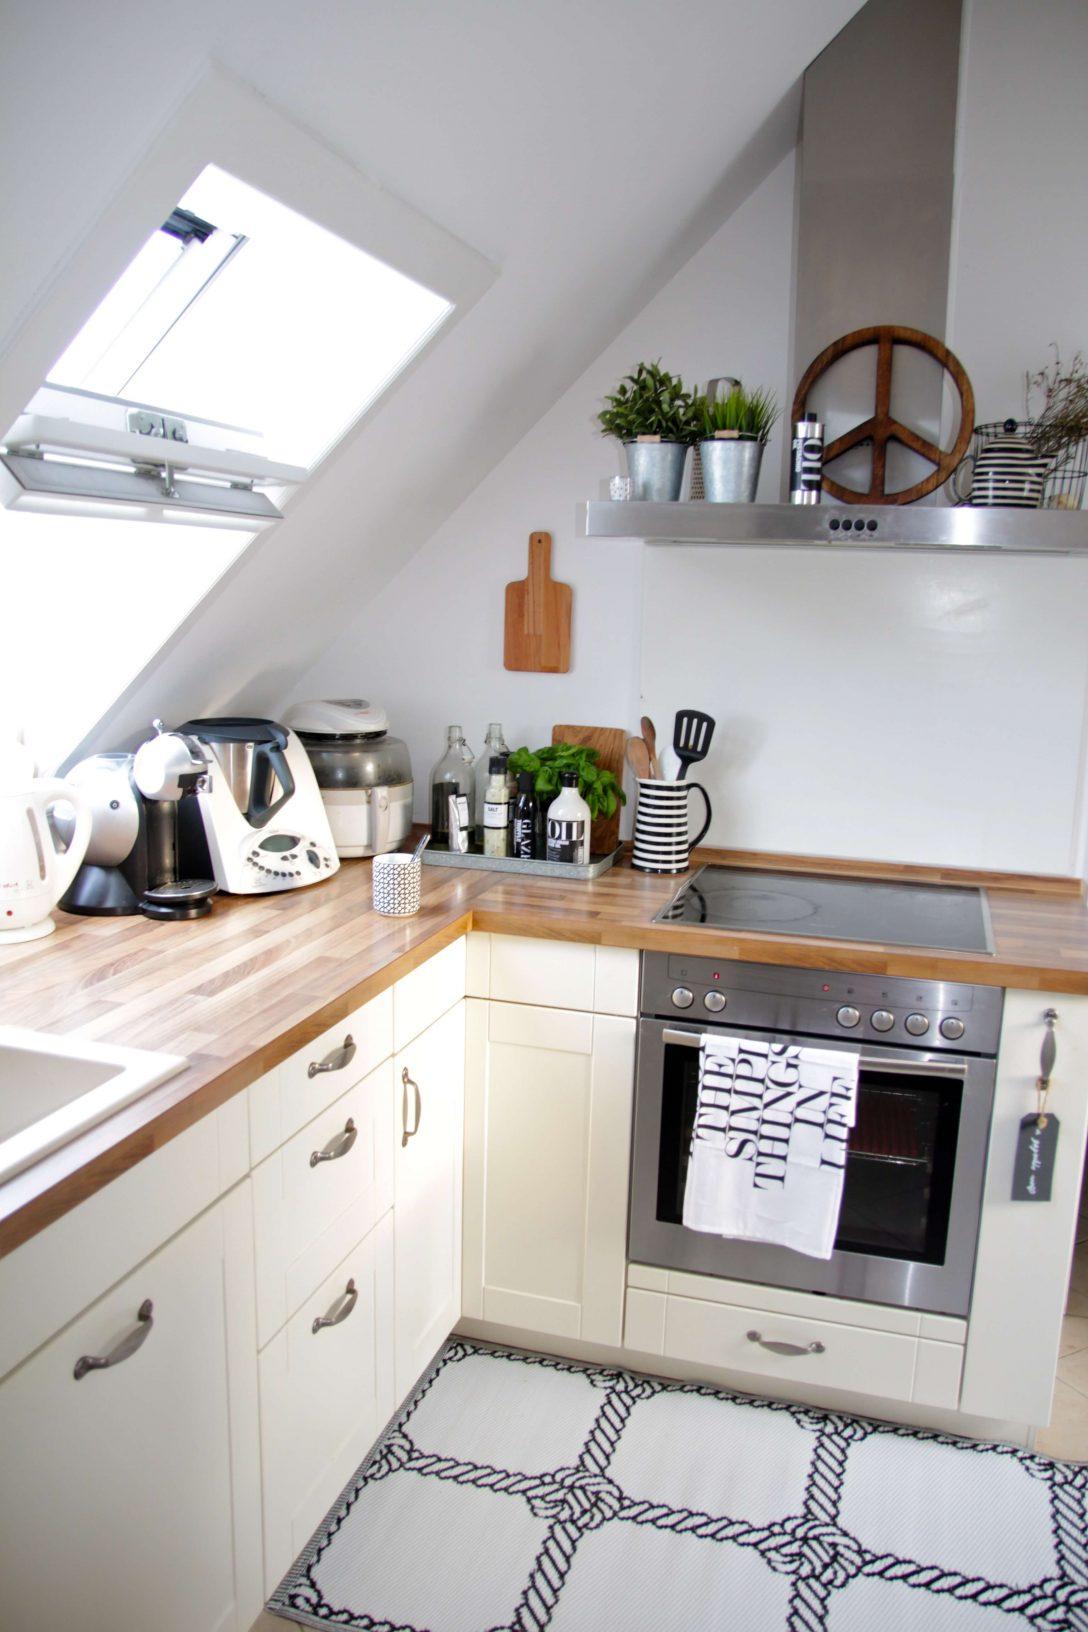 Large Size of Schmale Küche Einrichten Pinterest Kleines Wohnzimmer Mit Küche Einrichten Minecraft Küche Einrichten Deutsch Minimalistische Küche Einrichten Küche Küche Einrichten